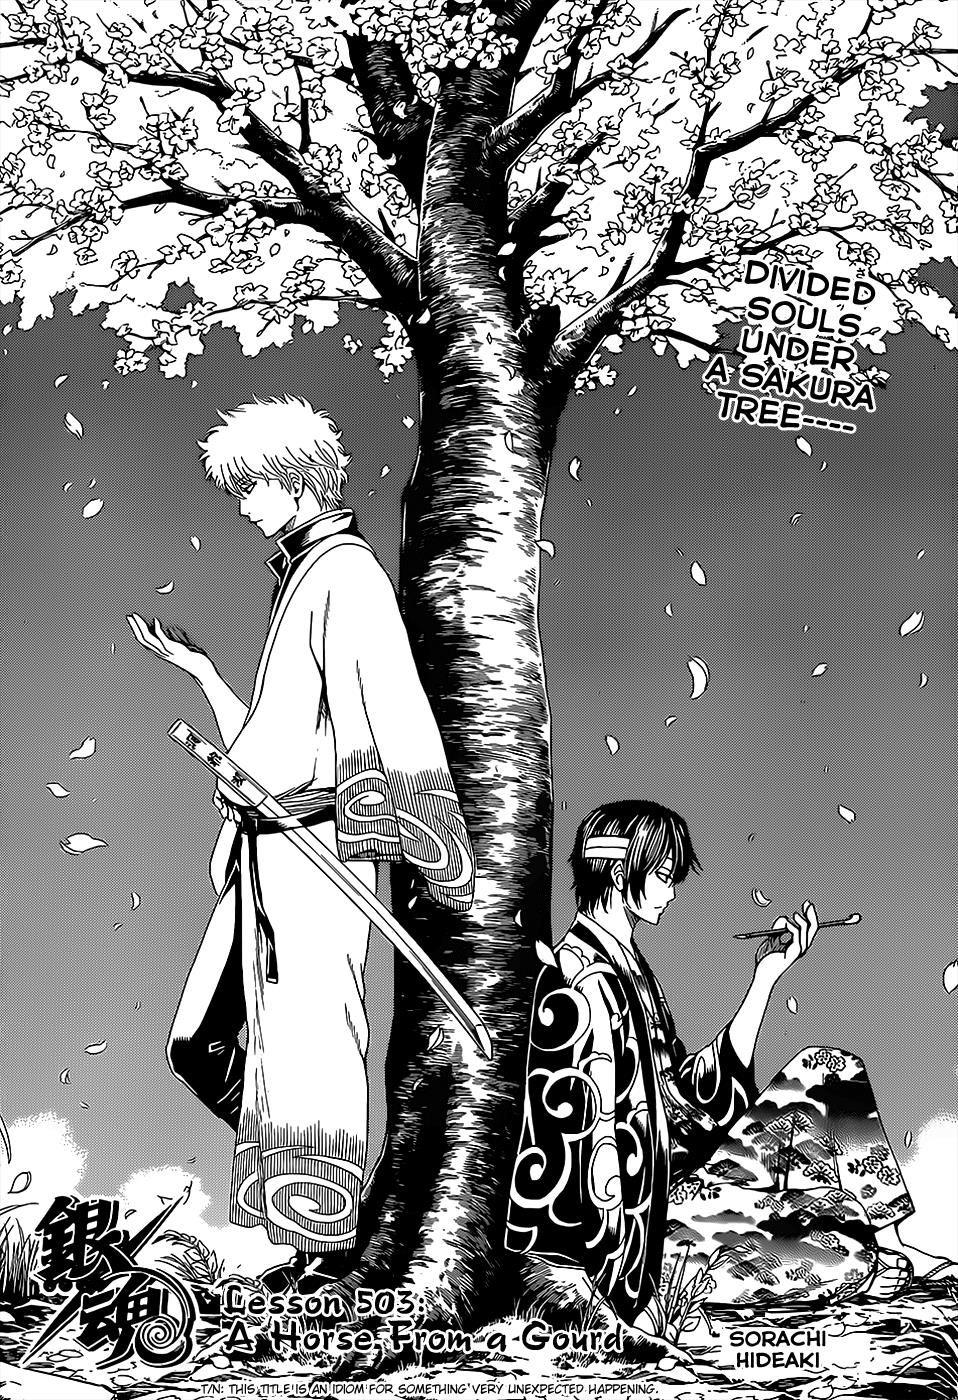 Gintama Chapter 503 Gintama wallpaper, Anime, Manga anime